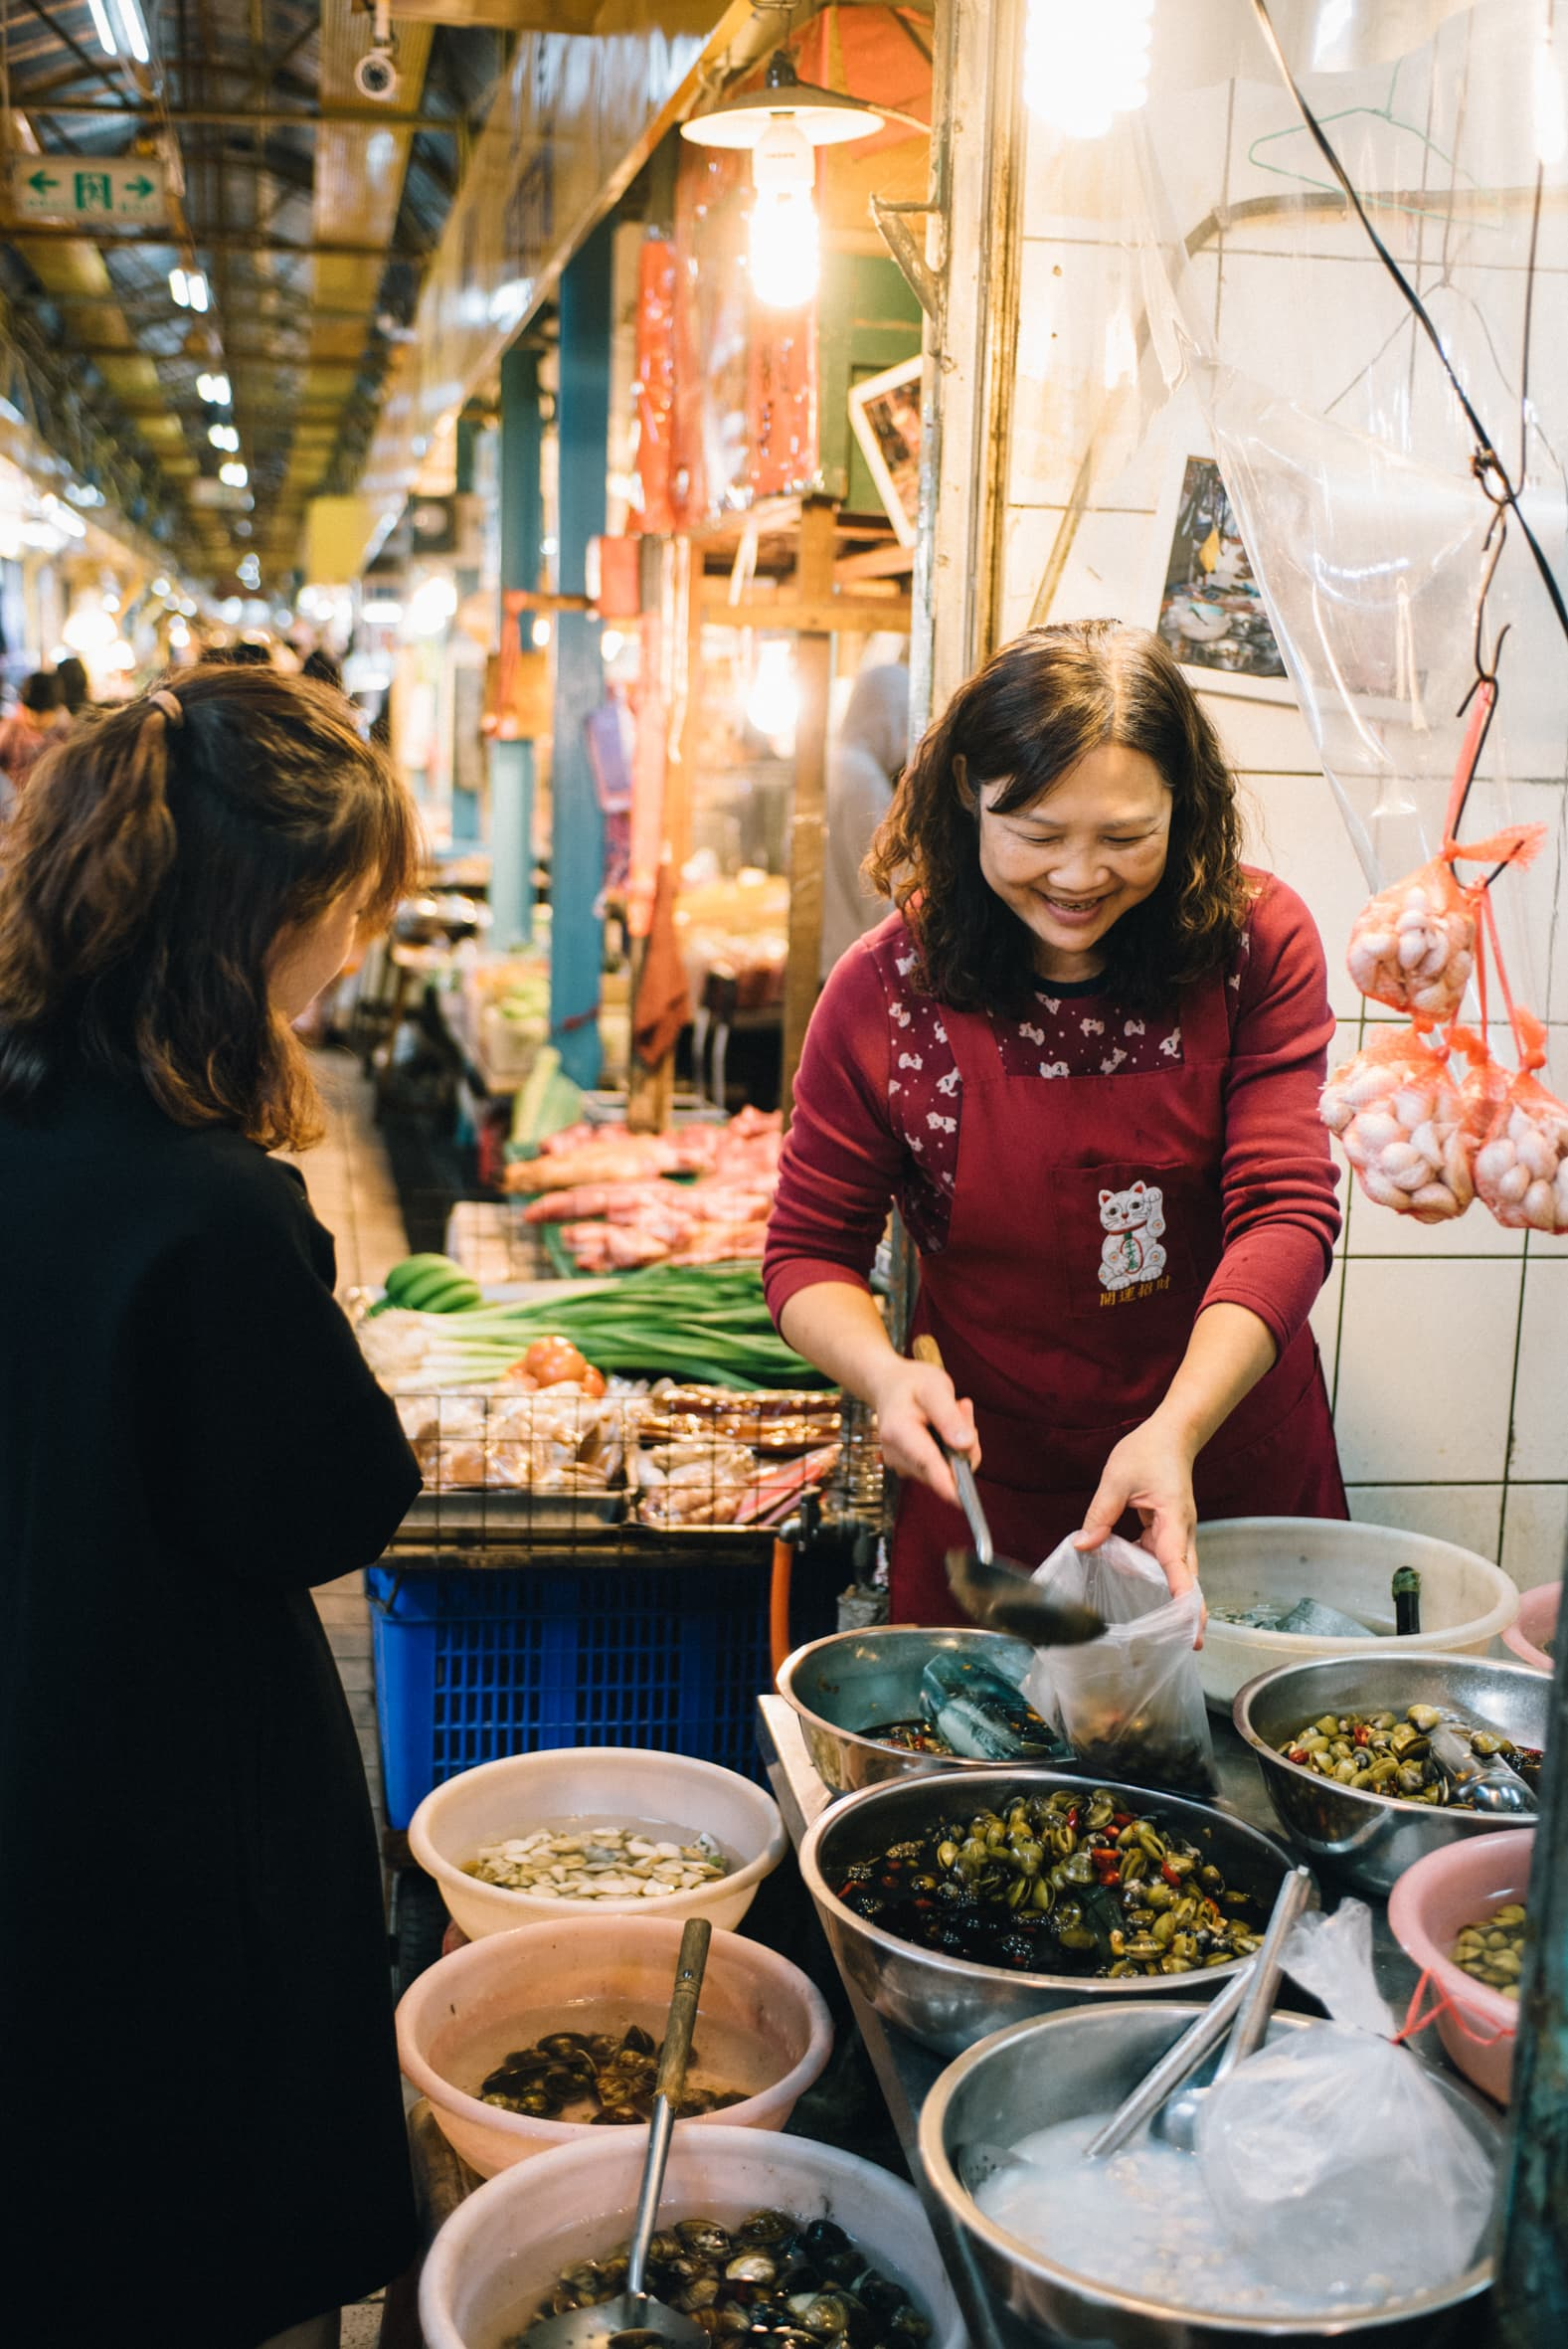 賣醃蜆仔的老闆娘,笑容可掬地和客人分享獨家配方。